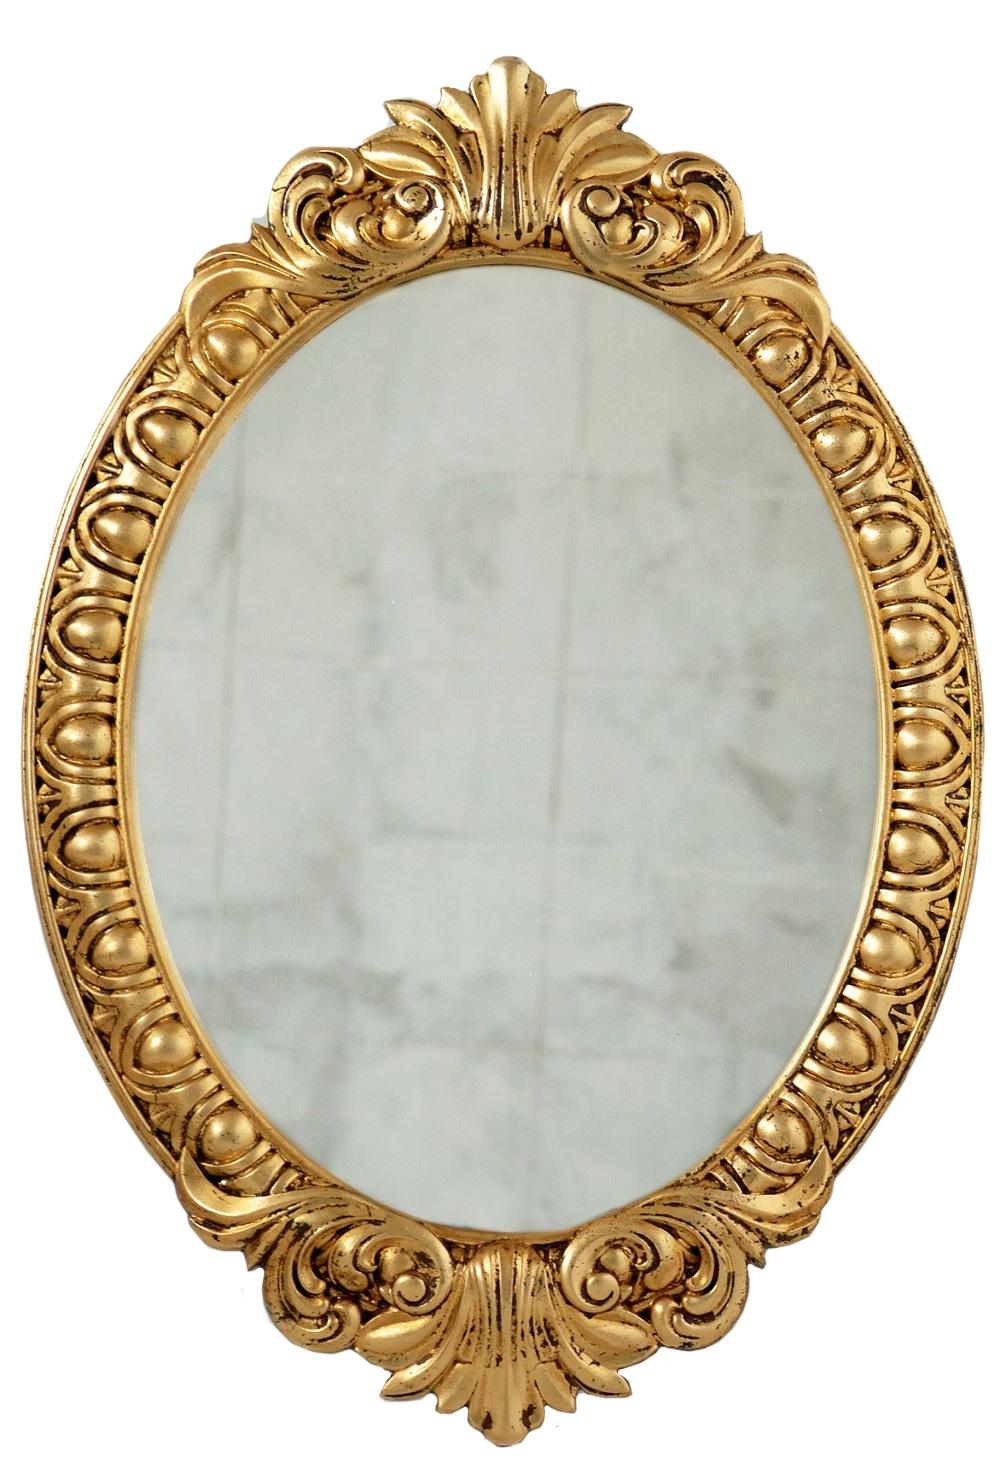 Купить Красивое венецианское зеркало венеция, inmyroom, Россия